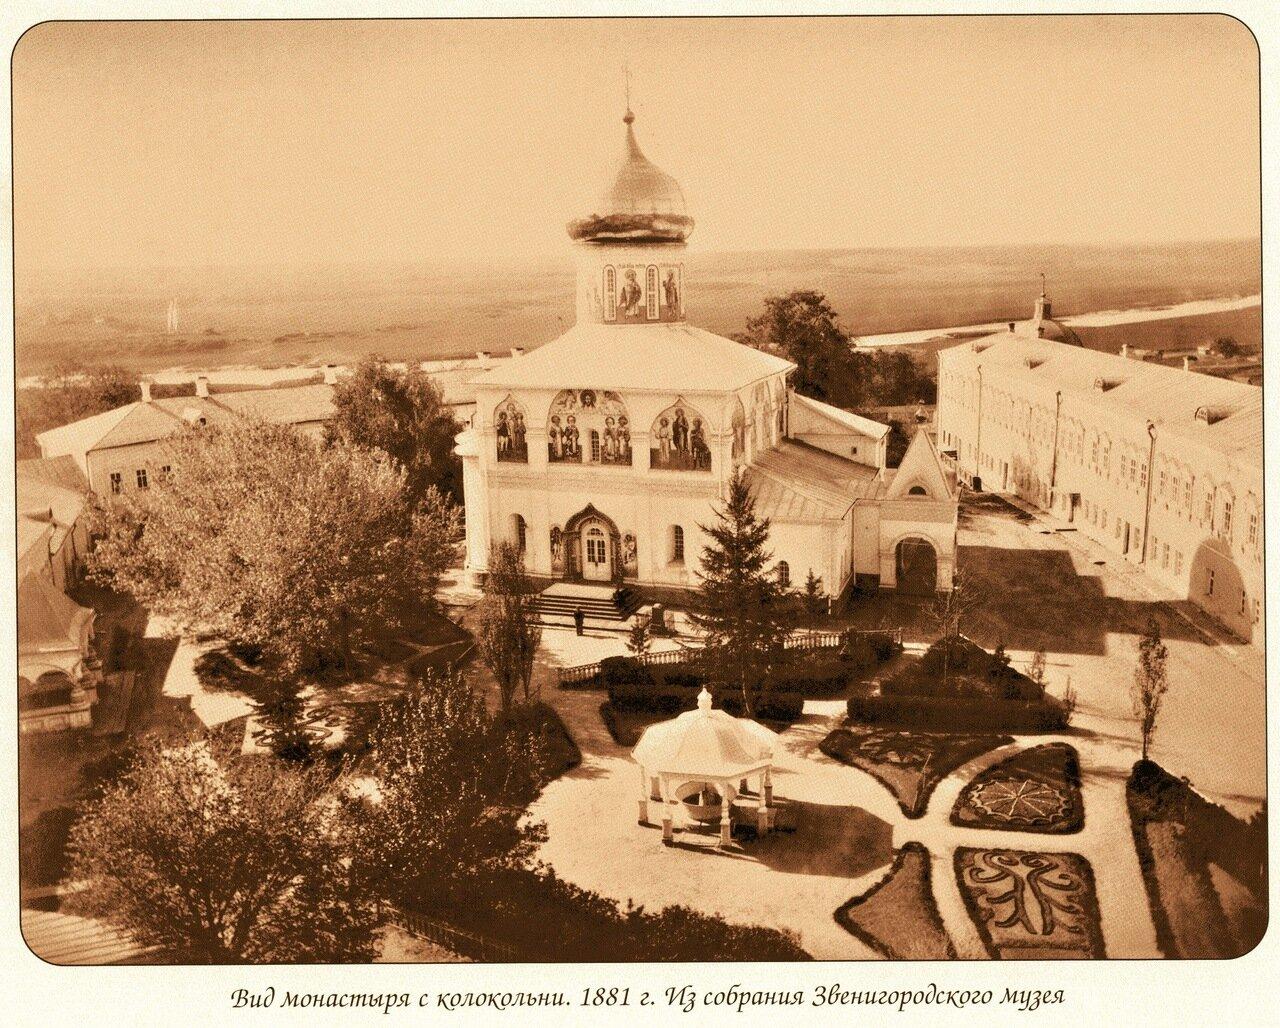 Вид монастыря с колокольни. 1881